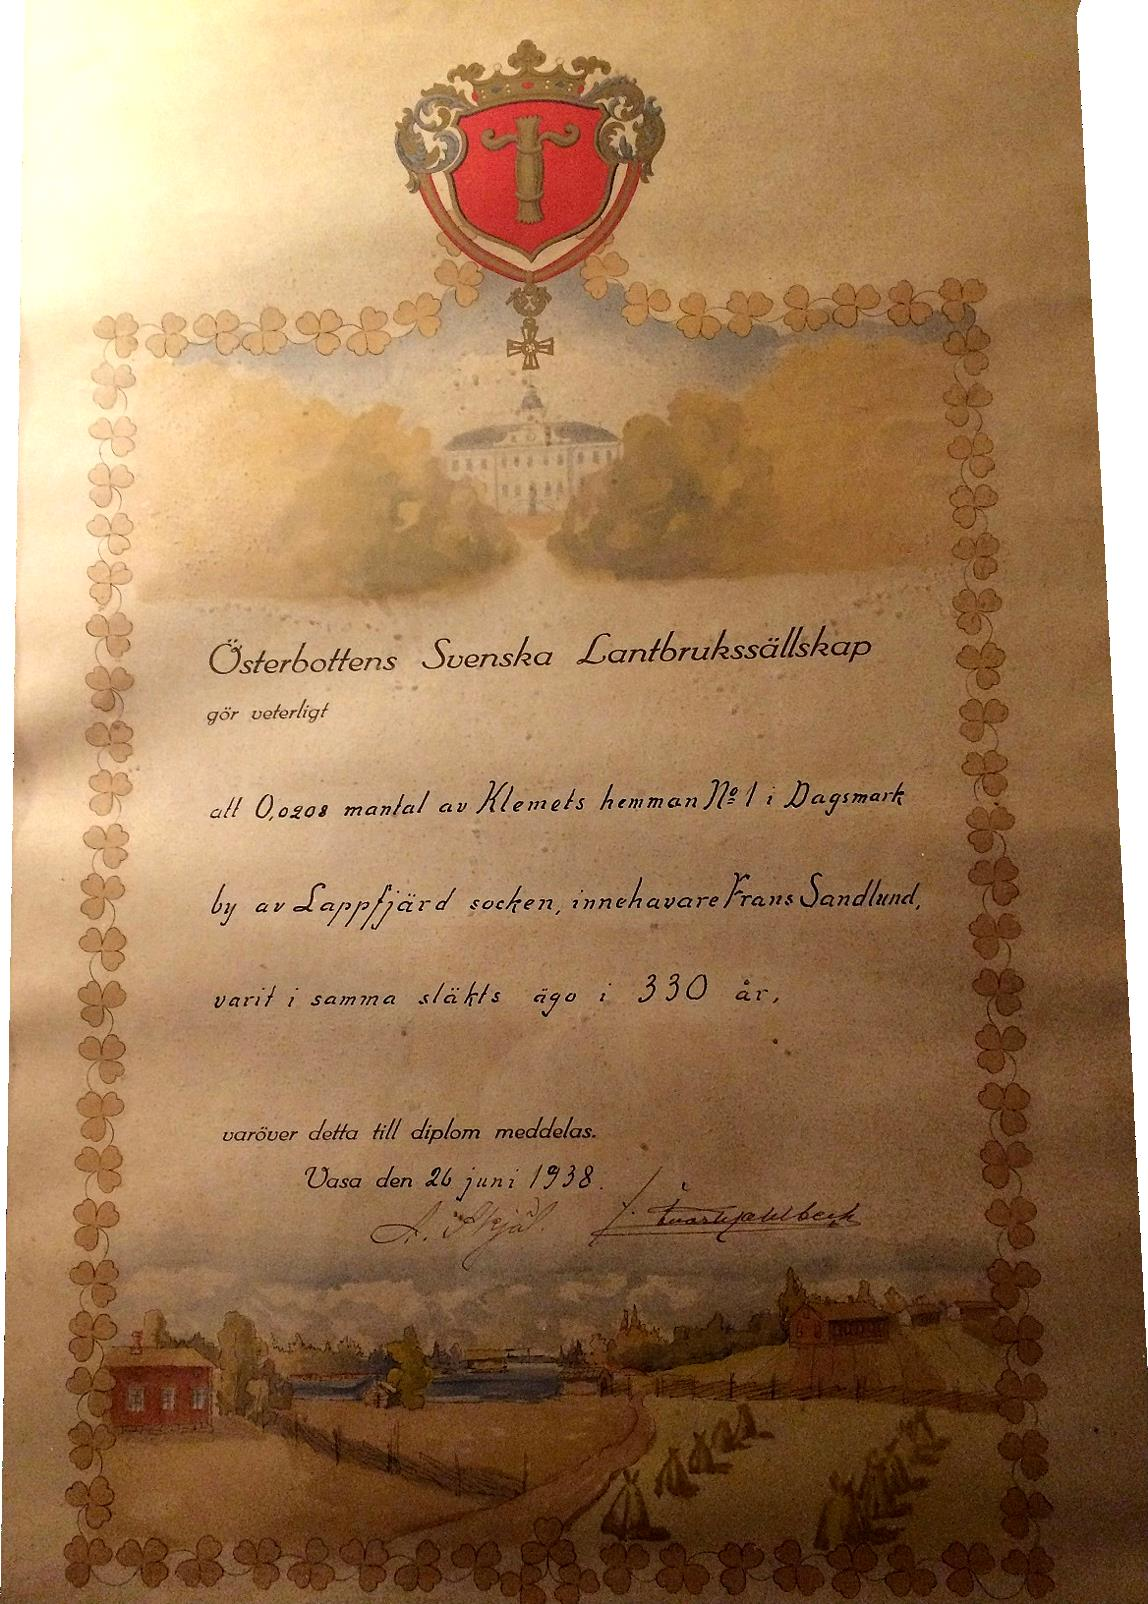 På lantbruksutställningen i Lappfjärd år 1938 fick Frans Sandlund detta fina diplom av Österbottens Svenska Lantbrukssällskap. Diplomet visar att Frans ägde en del av Klemets hemman som funnits i 330 år, alltså sedan 1608.